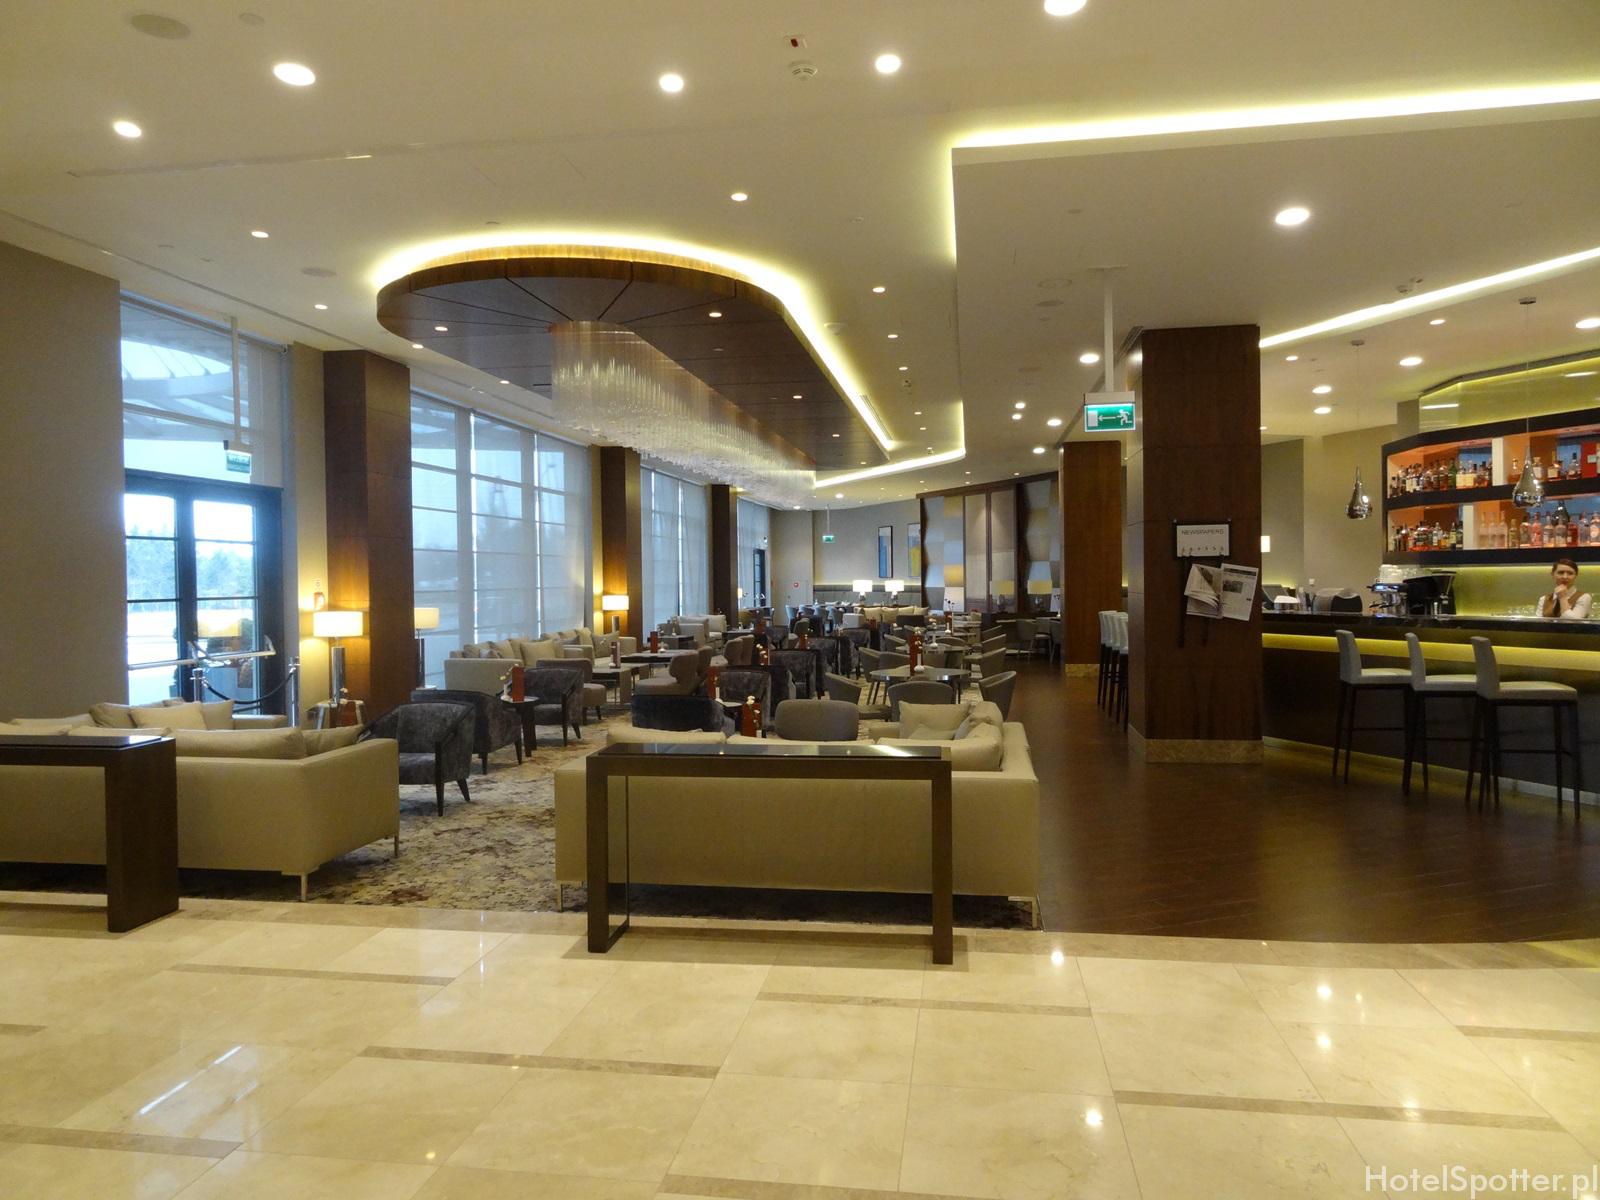 DoubleTree by Hilton Warsaw - bar w lobby